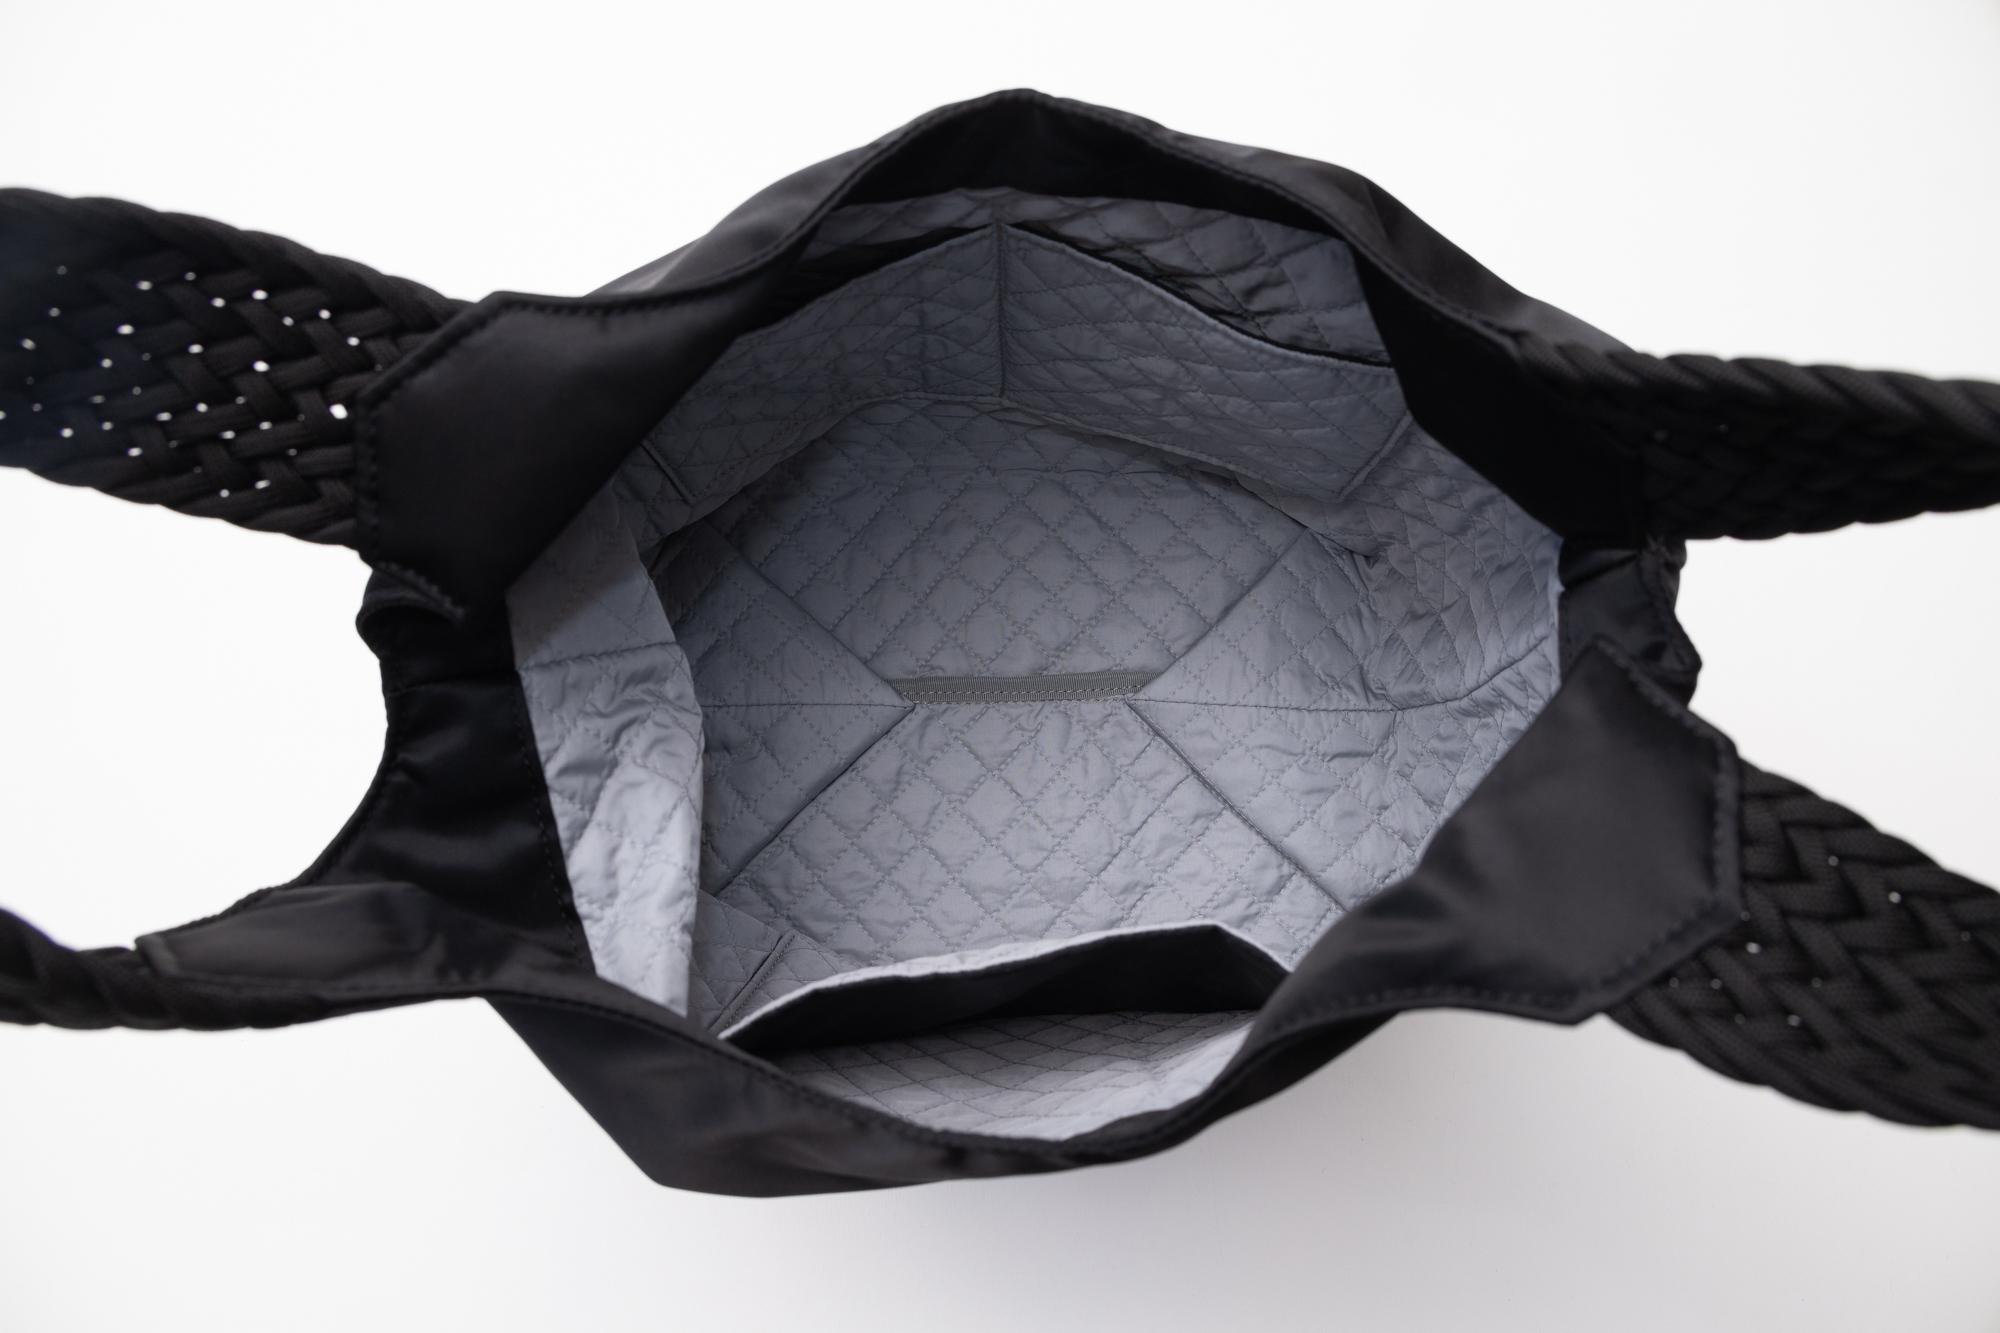 バルコニー マーケットバッグーS ブラック画像その3